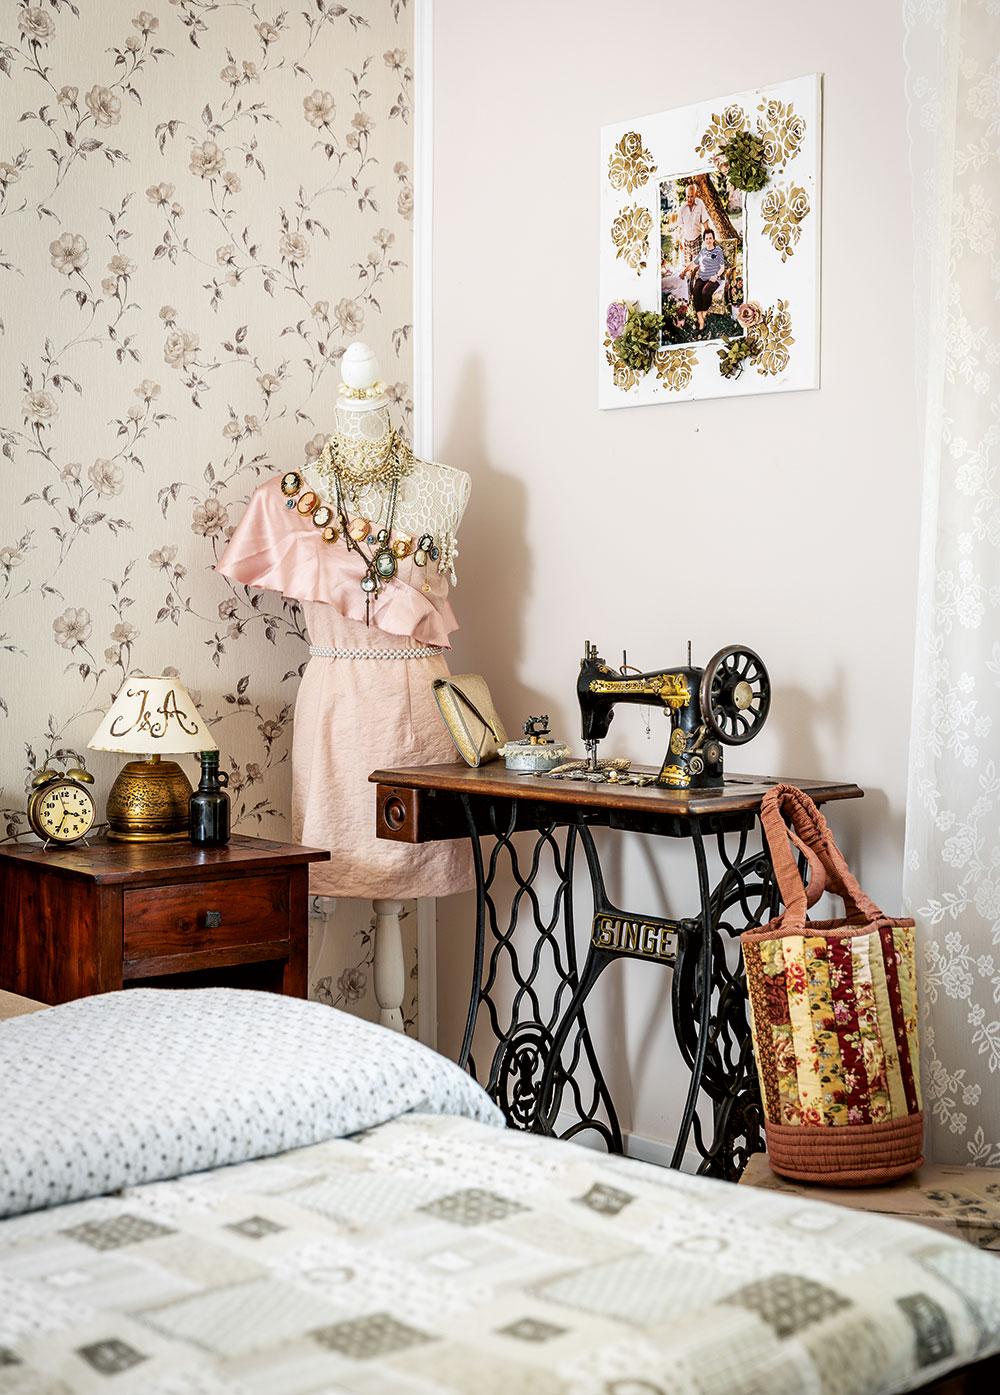 Na stěně za postelí je tapeta skvětinovým motivem, který se opakuje ina staré skříni naproti posteli či na úložných krabicích vedle. Postel inoční stolky ztmavého dřeva se pěkně doplňují se světlou podlahou astěnami. Foto Miro Pochyba